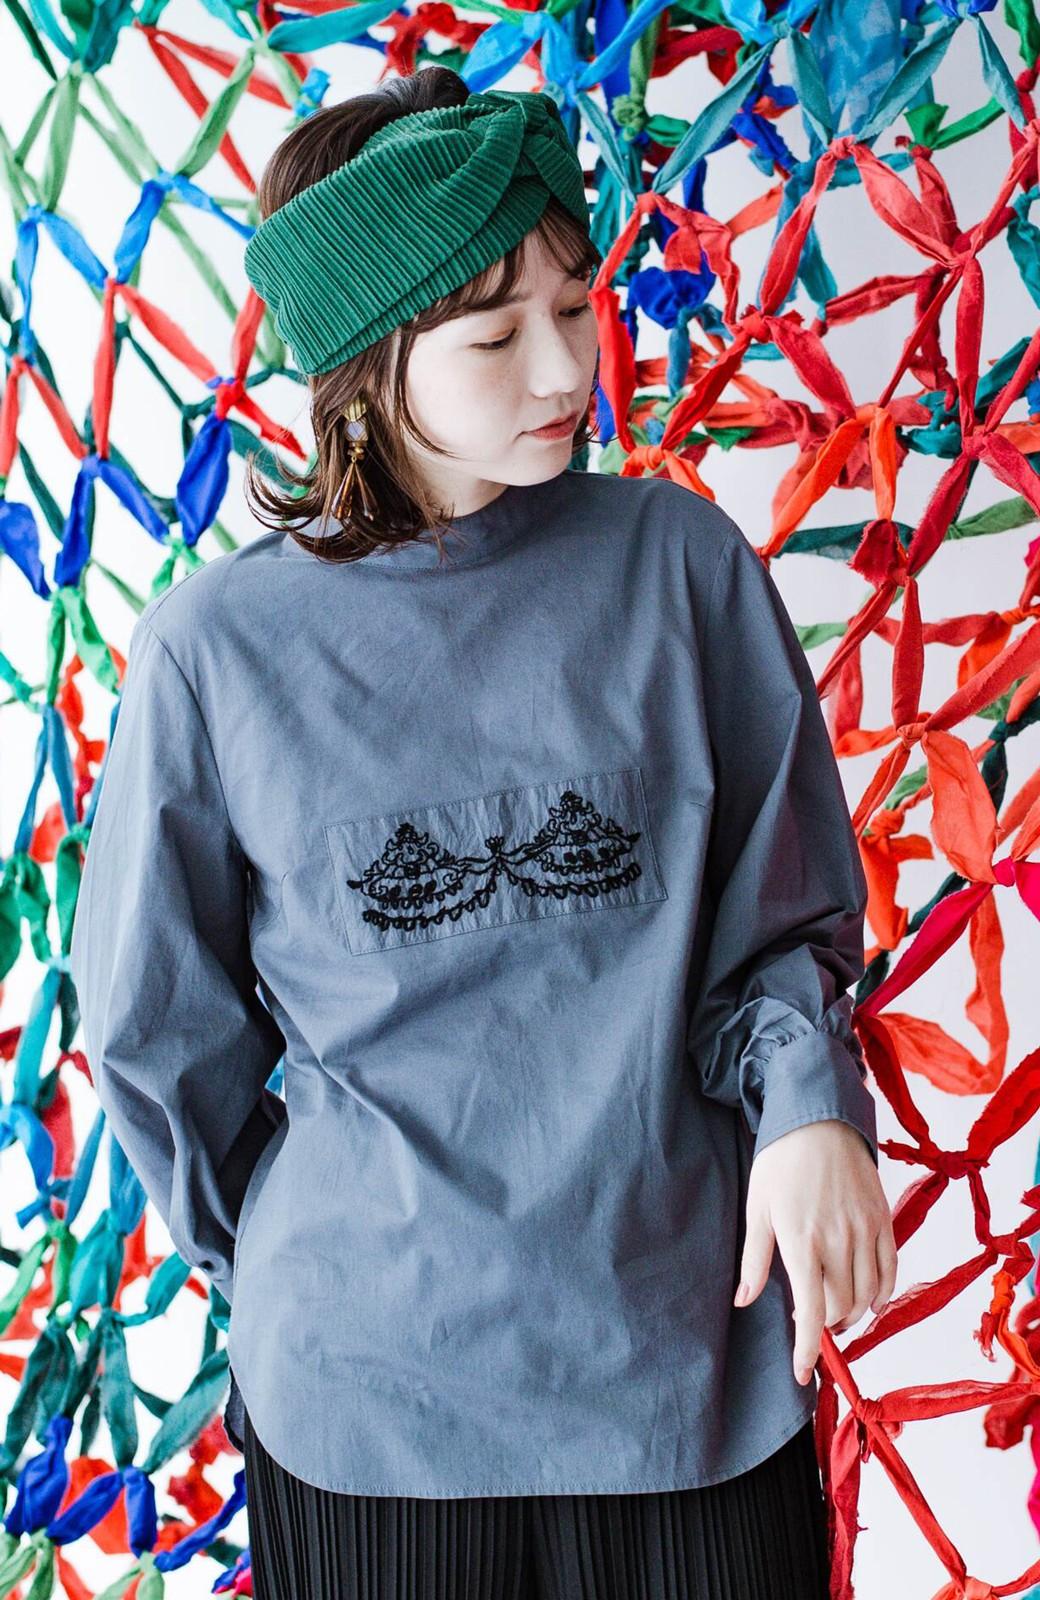 haco! 上品な刺繍がまるでレースのよう オーガニックコットンの袖ぽんわりブラウス from Stitch by Stitch <グレイッシュブルー>の商品写真1